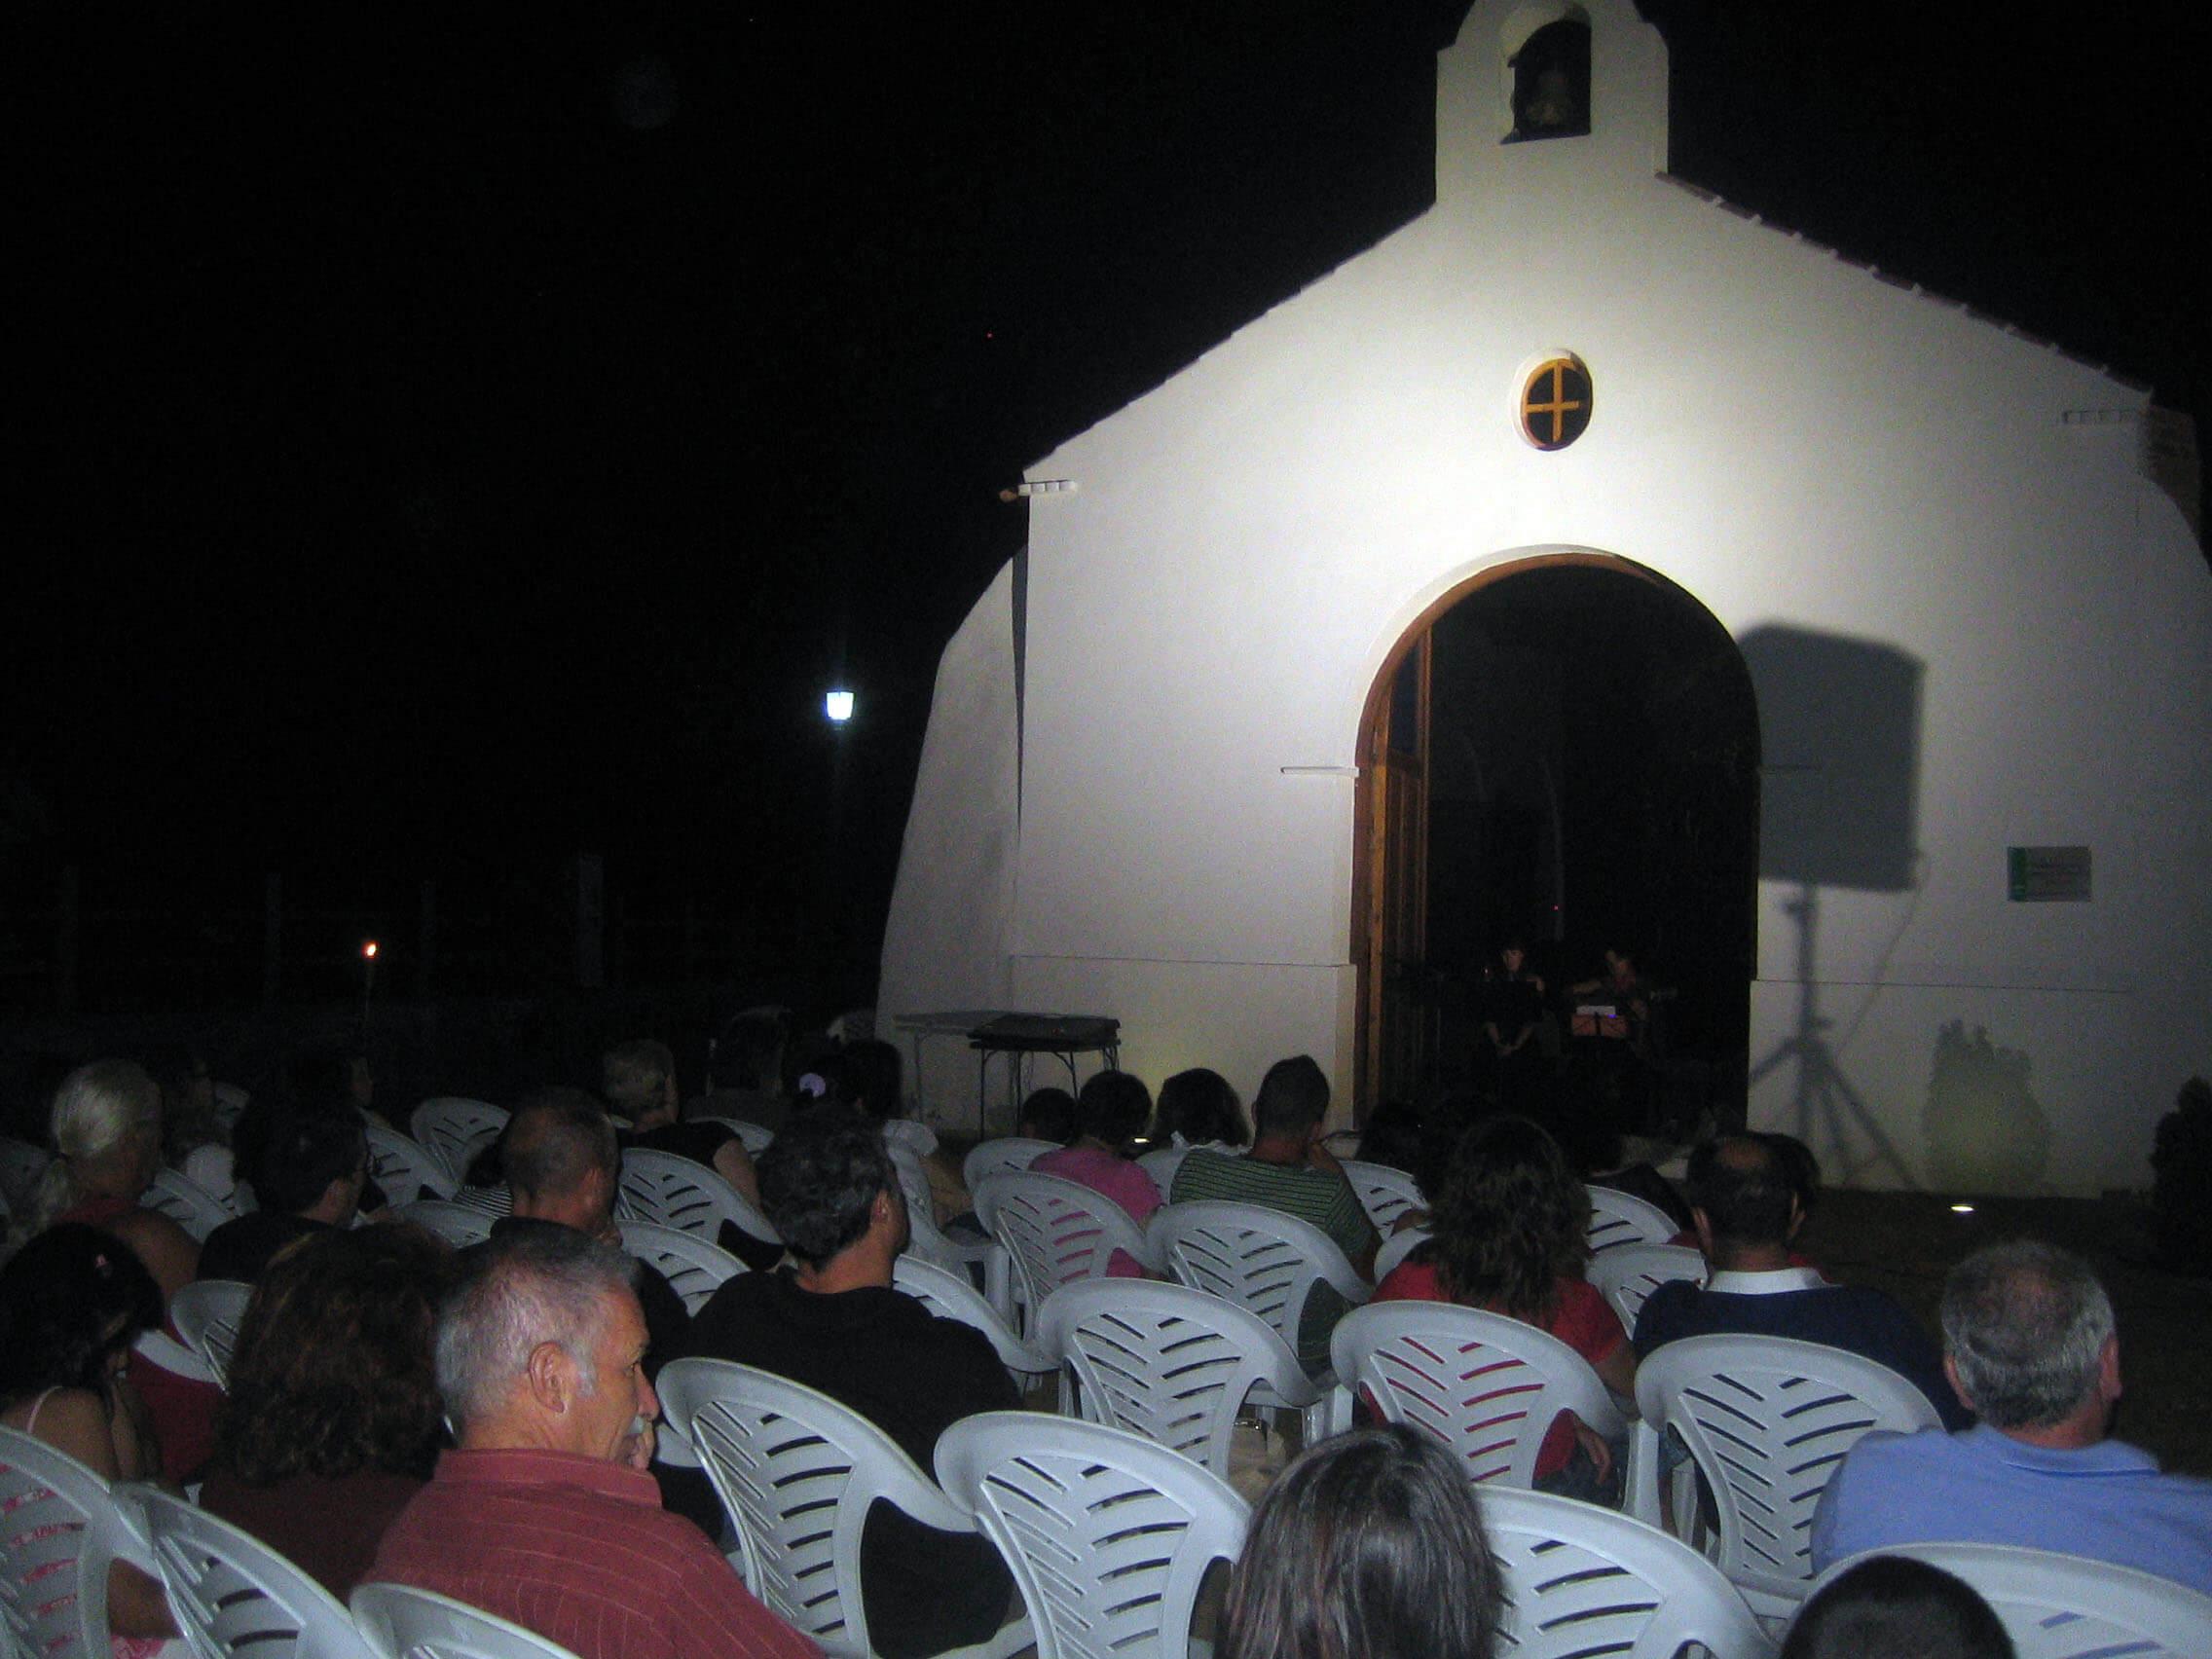 2010'VII'16, Oria. Concierto monográfico de mis canciones 'Darle luz al silencio' - el lugar